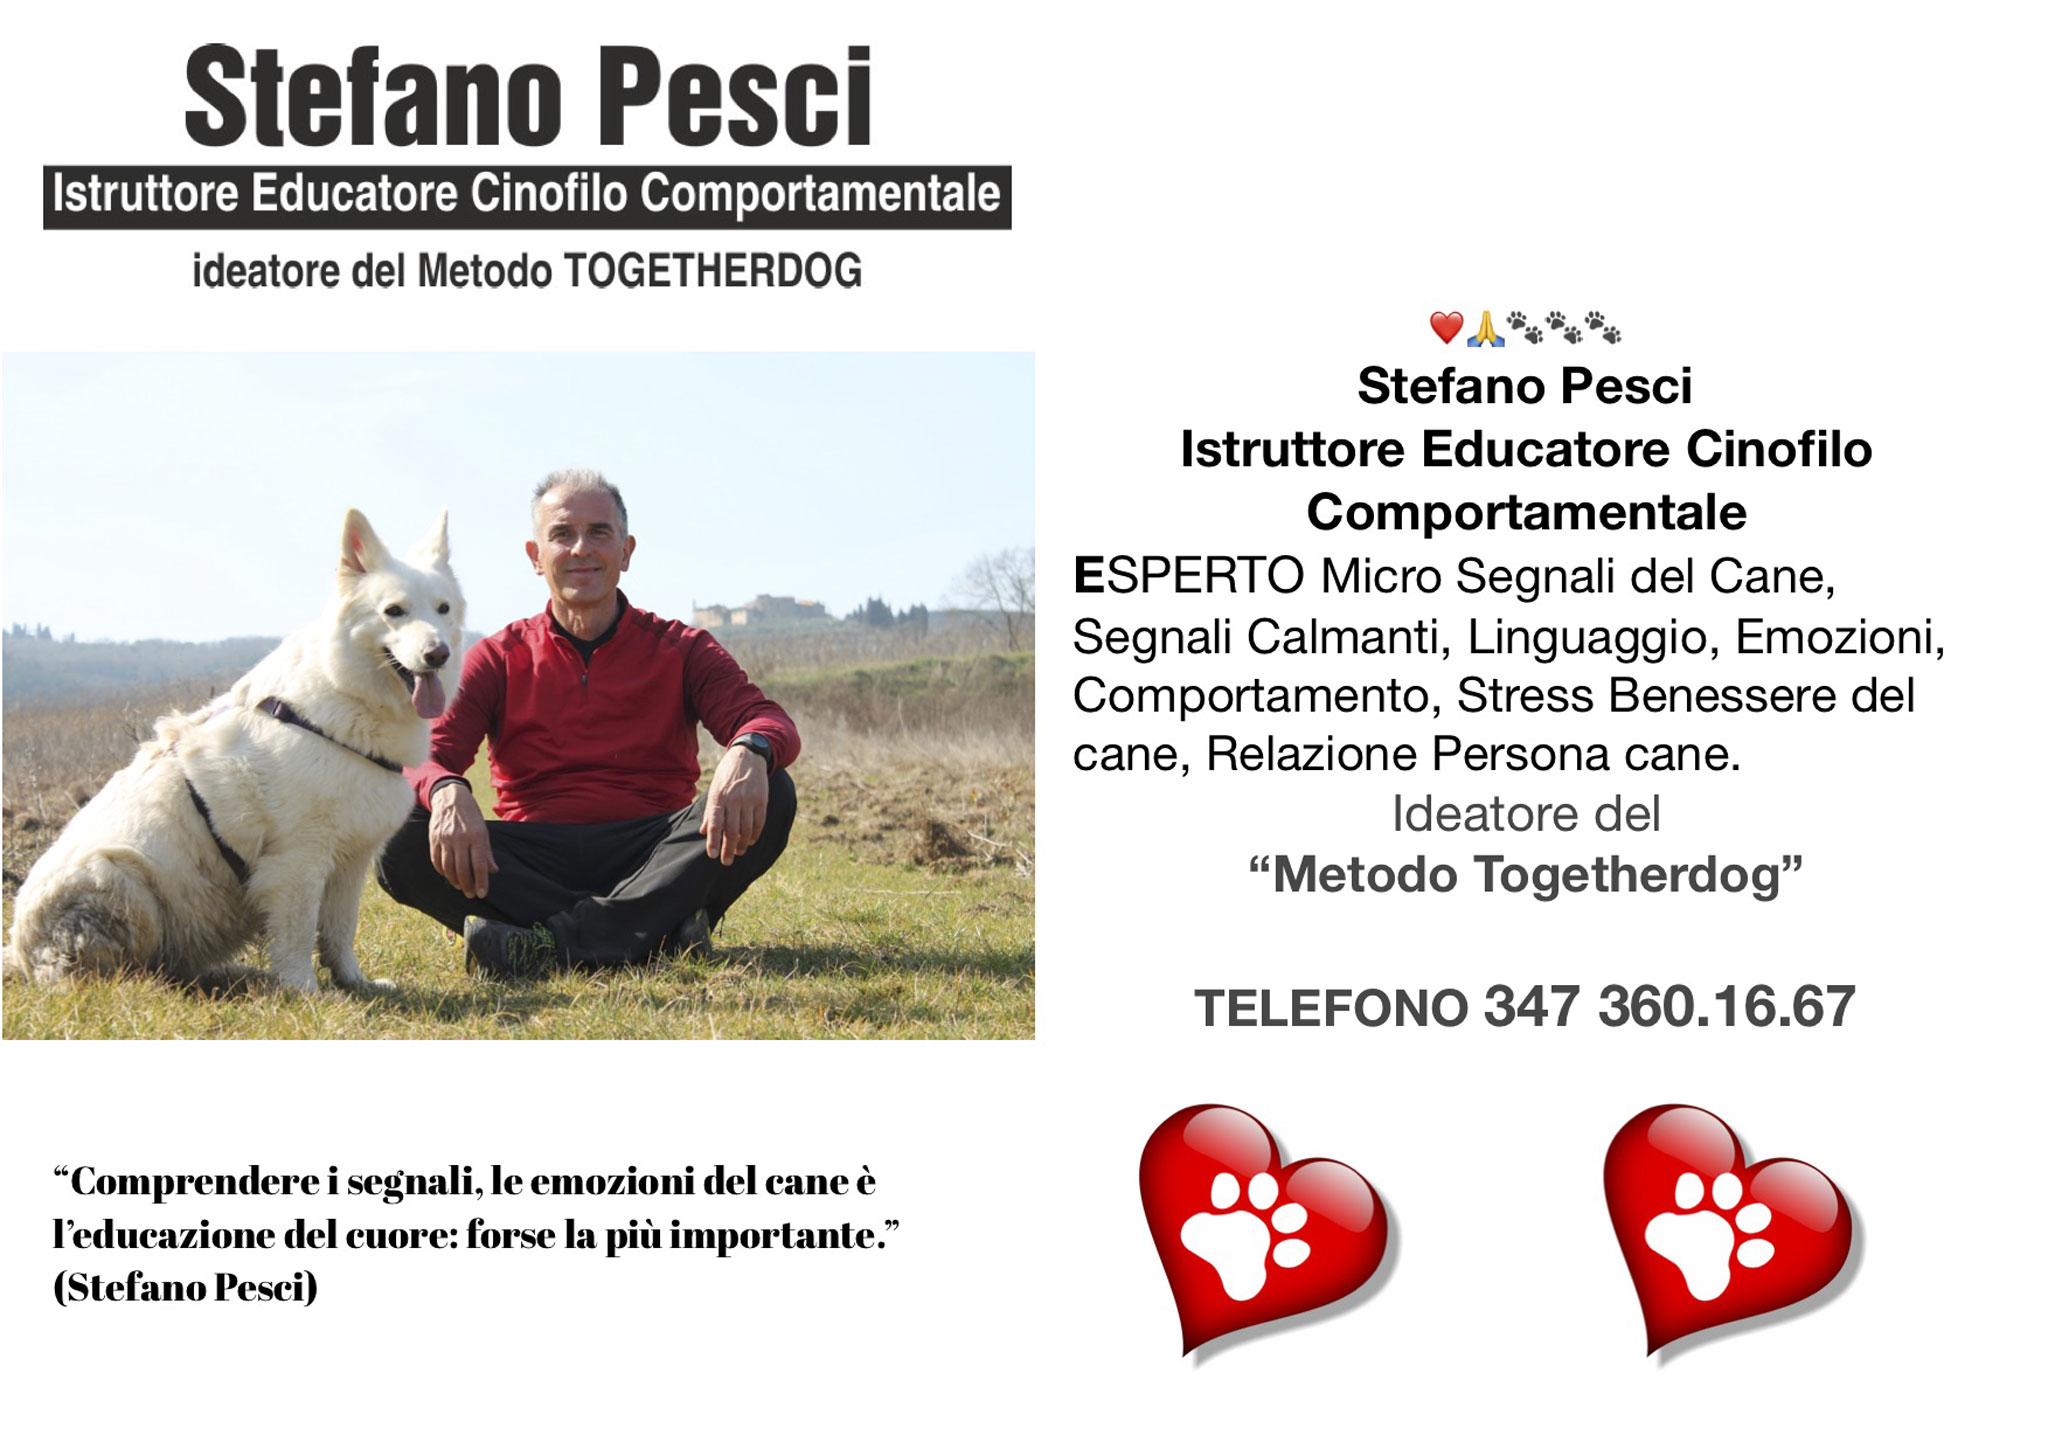 Stefano Pesci istruttore Educatore Cinofilo Comportamentale